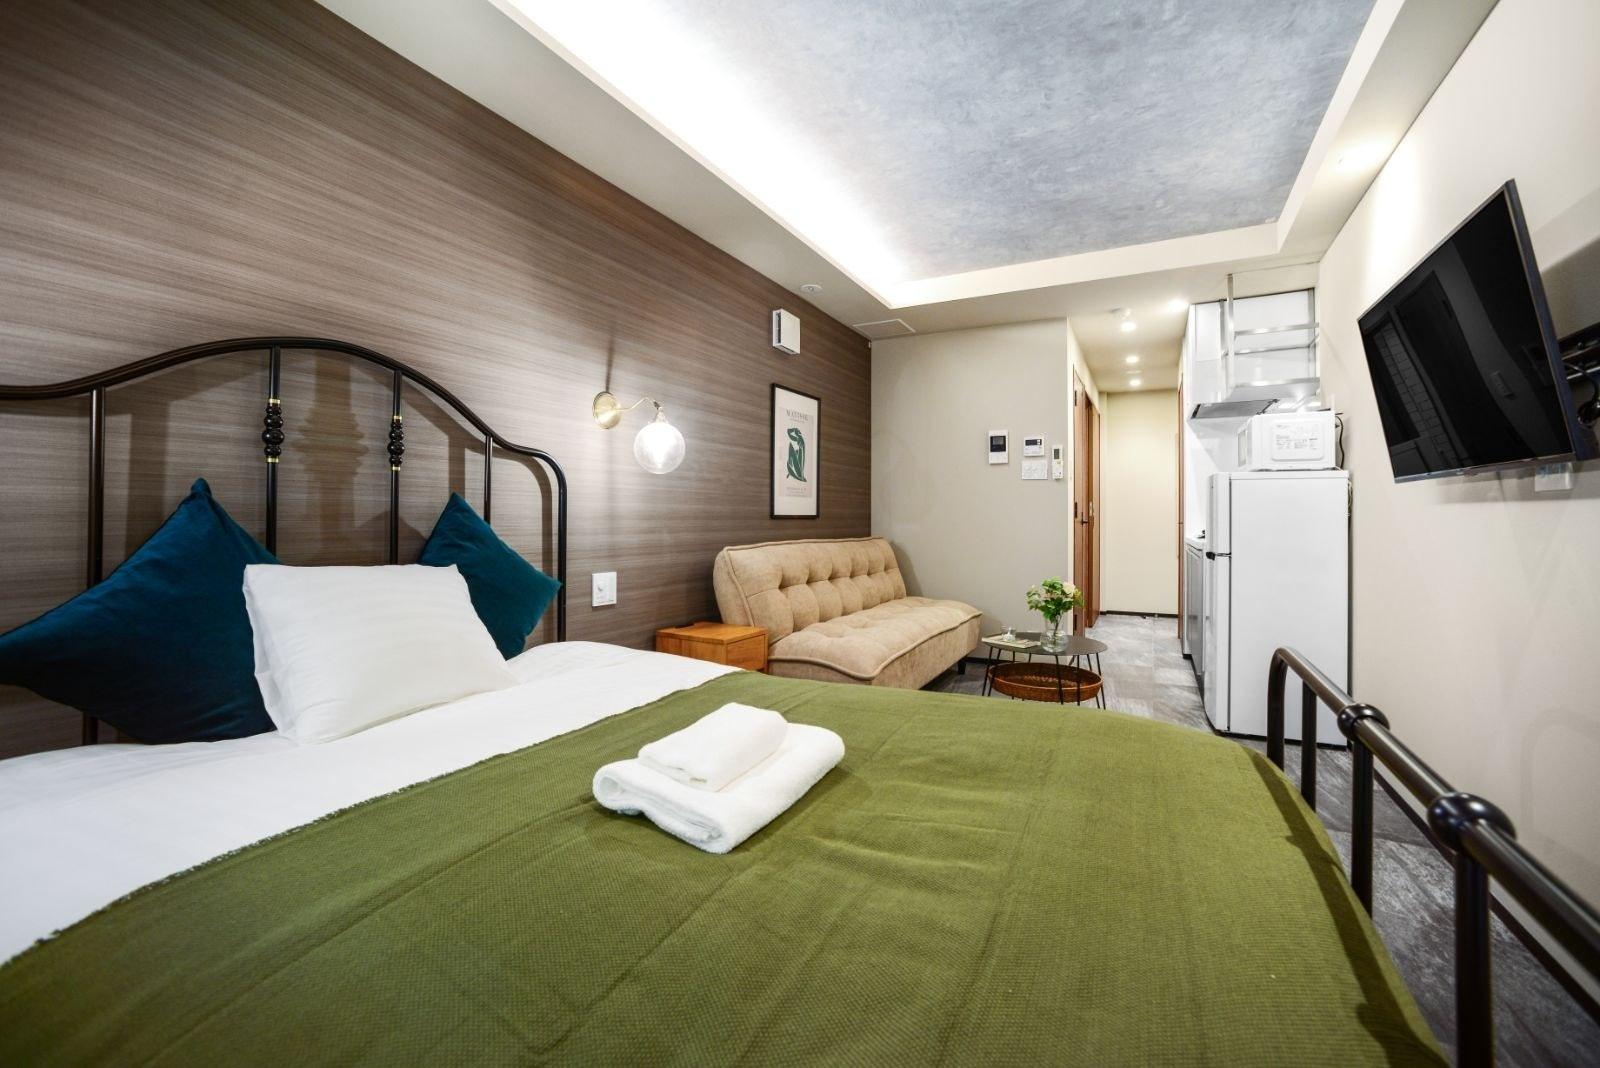 新オープン!麻布十番5分の明るいお部屋 // ALT STAY AZABUDAI 401